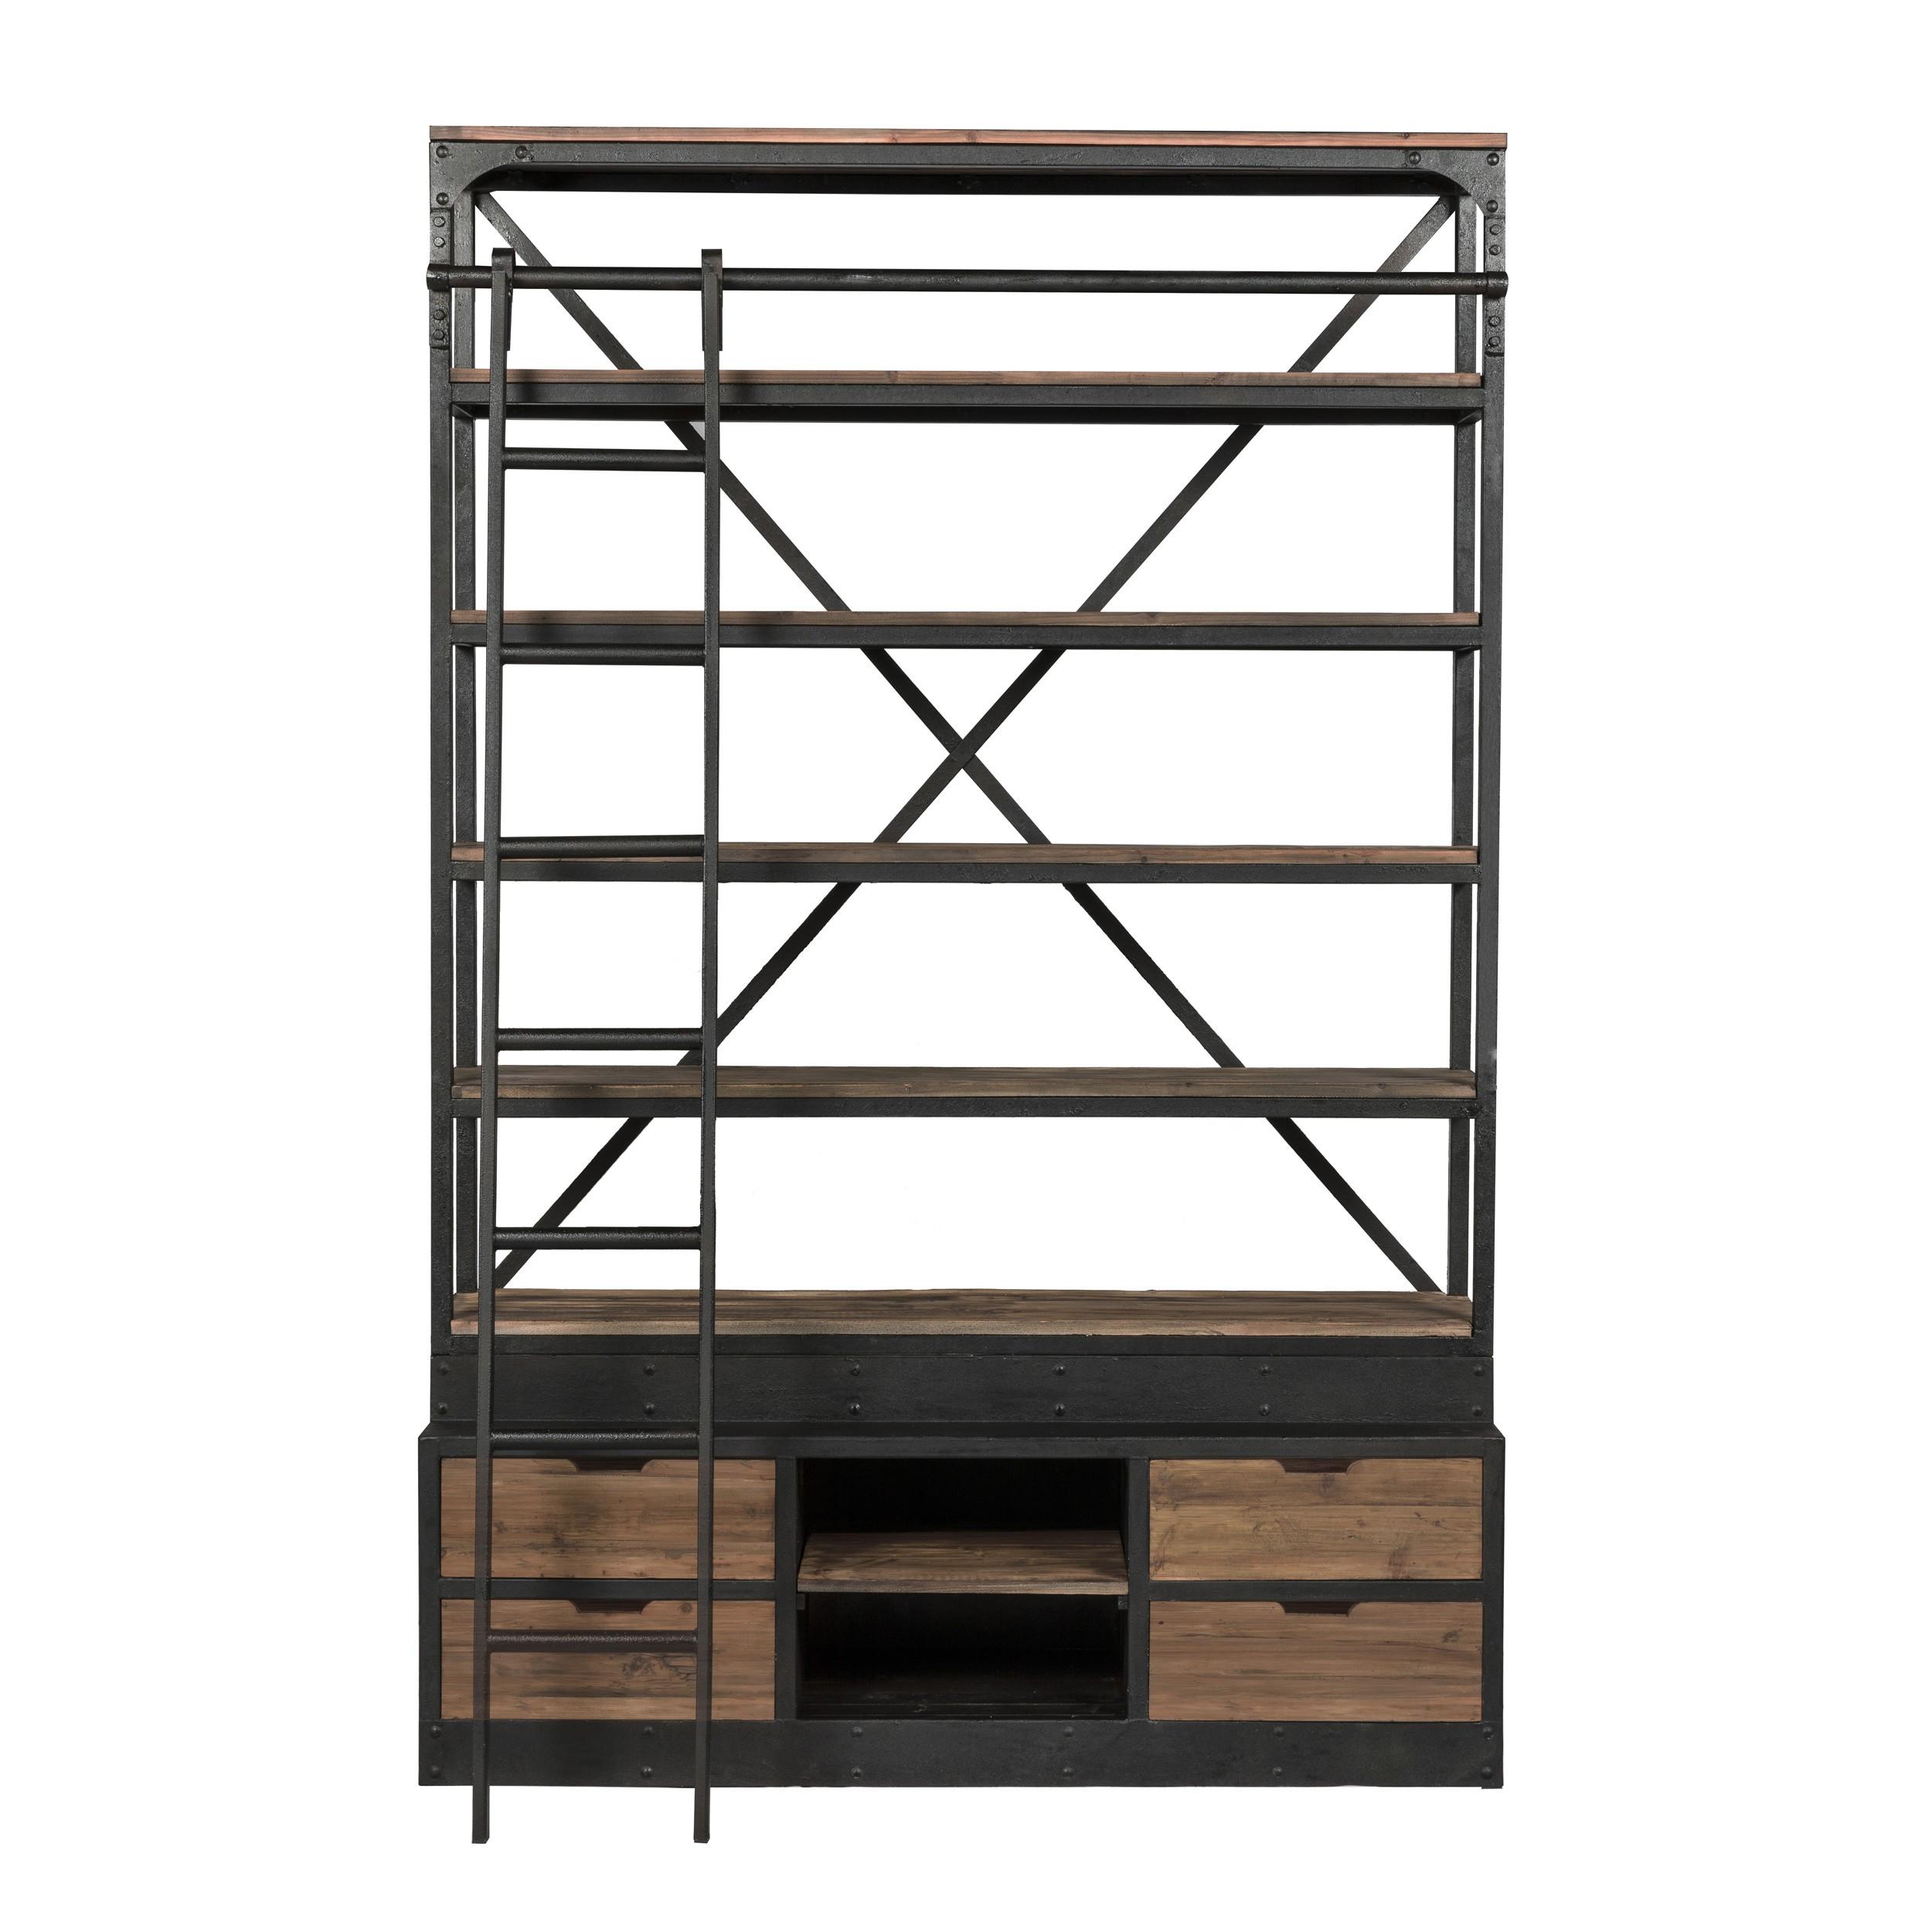 biblioth que kasi 160 cm avec chelle commandez nos biblioth ques kasi 160 cm avec chelle rdv. Black Bedroom Furniture Sets. Home Design Ideas